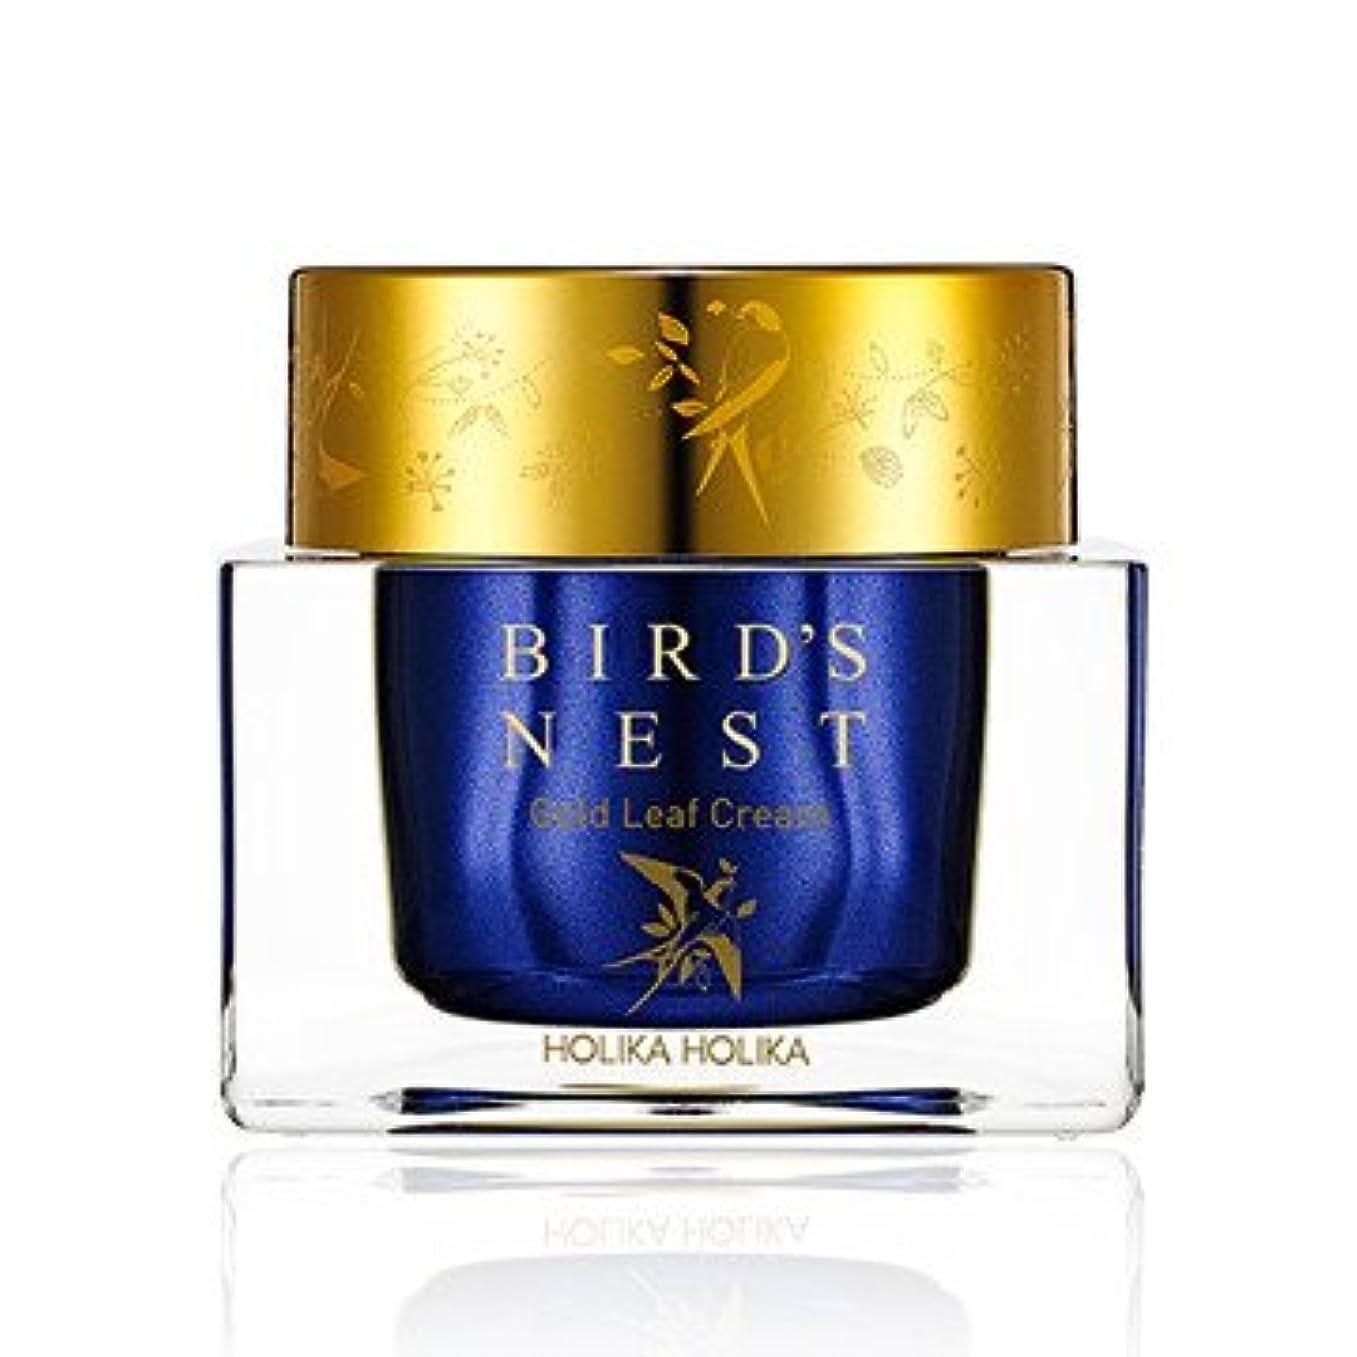 謎めいた租界シリンダー[2018 NEW] ホリカホリカ プライムユース バーズネスト ゴールドリーフ クリーム/Holika Holika Prime Youth Birds Nest Gold Leaf Cream 55ml [並行輸入品]